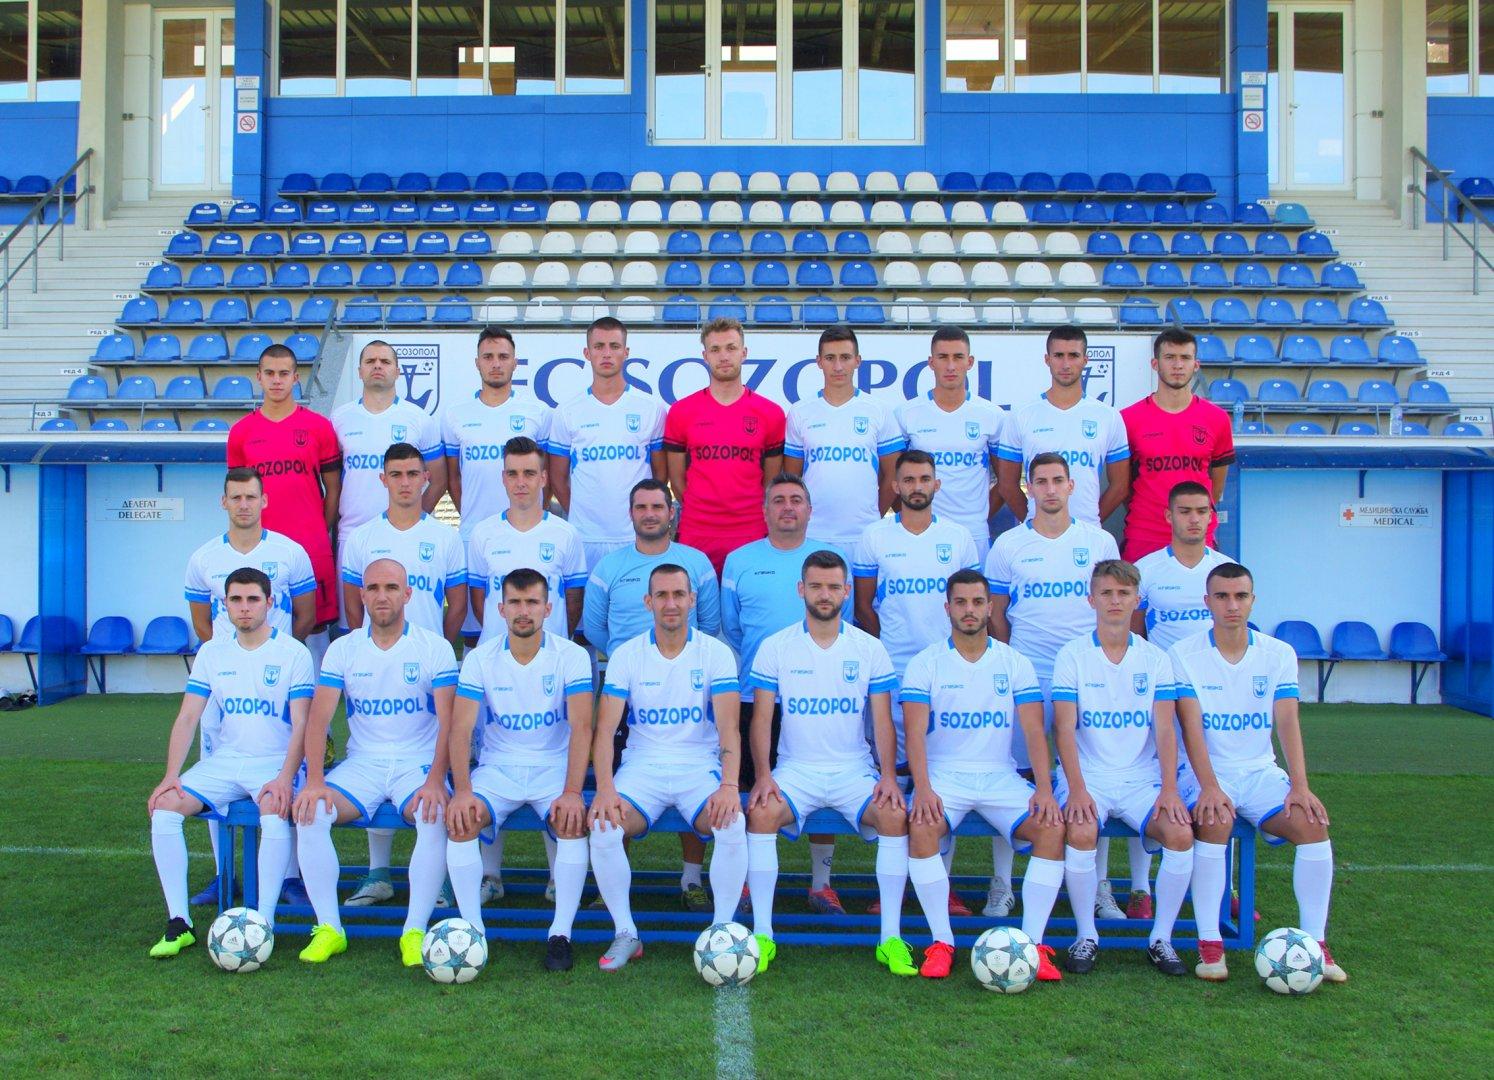 Морското дерби ще се играе на 3-ти или 4-ти септември. Снимка ФК Созопол